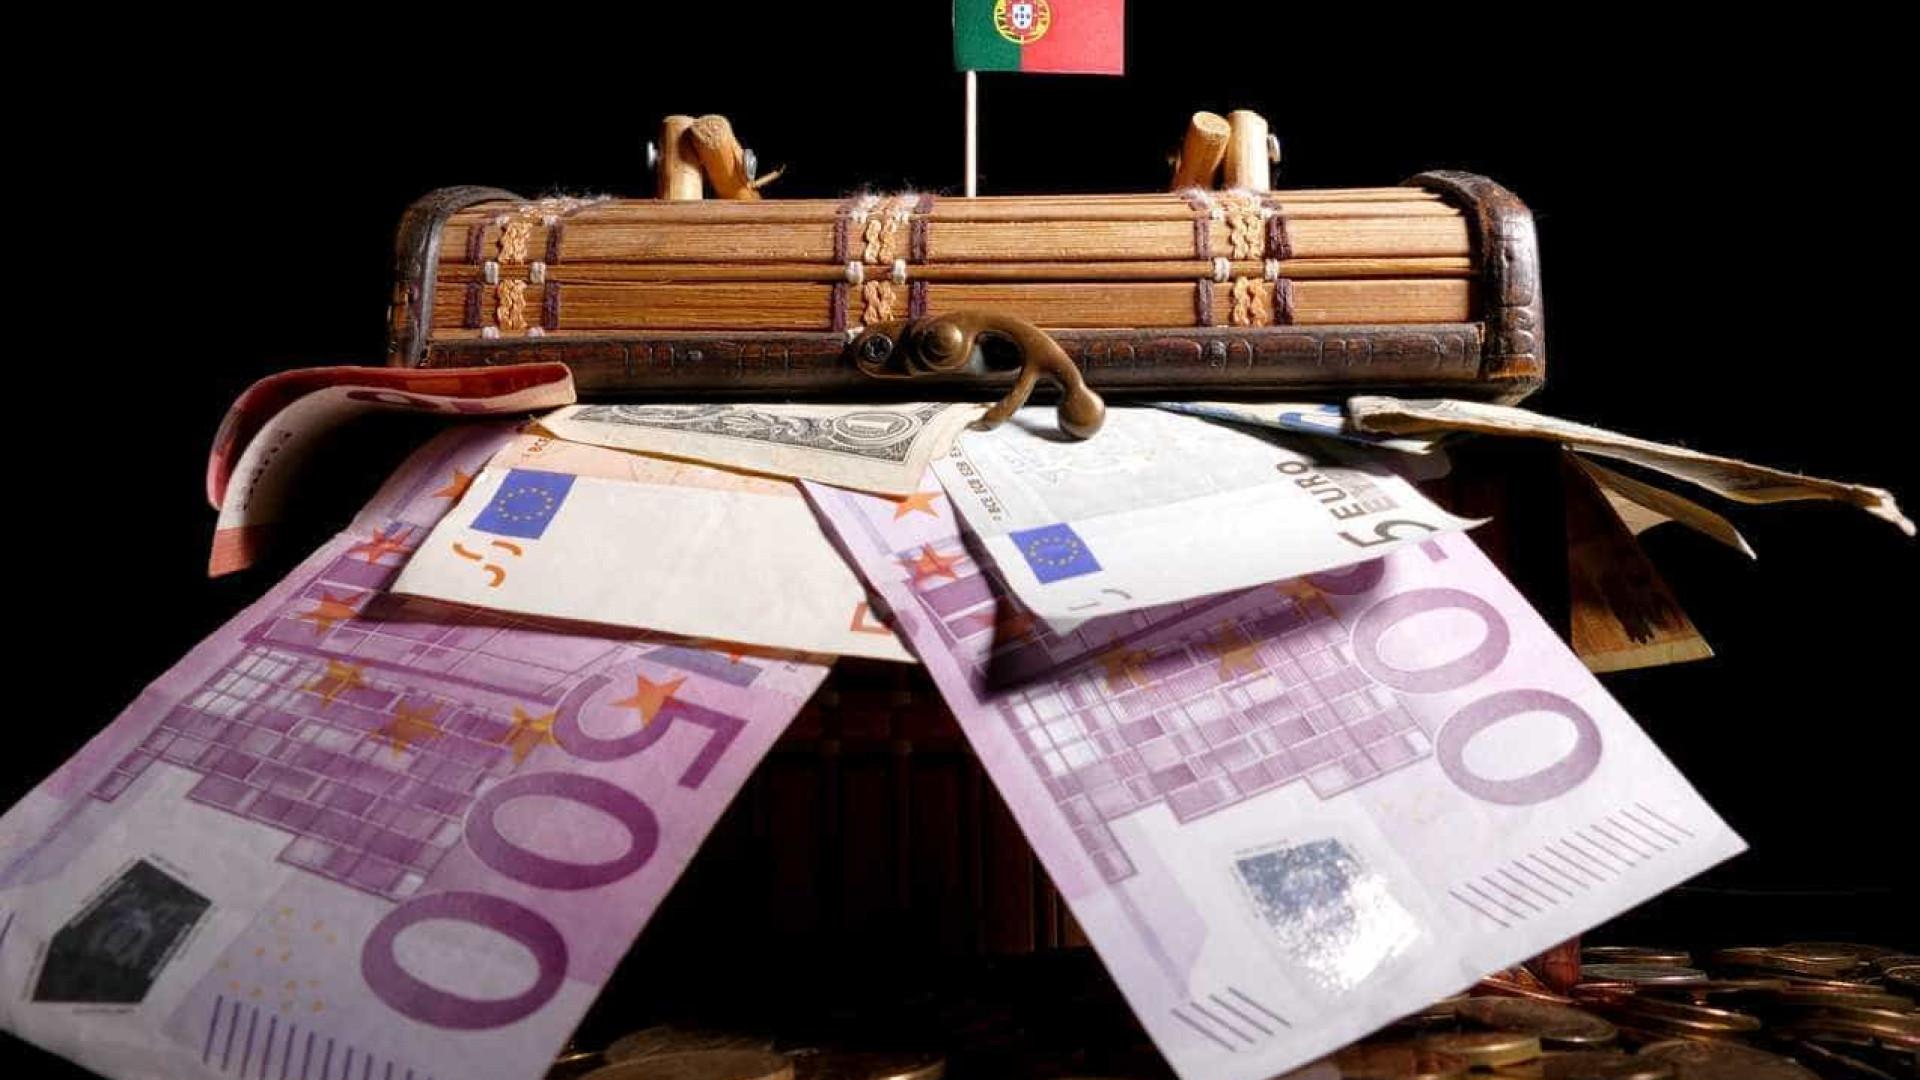 Acusados de fraude fiscal que lesou o Estado confessam o crime